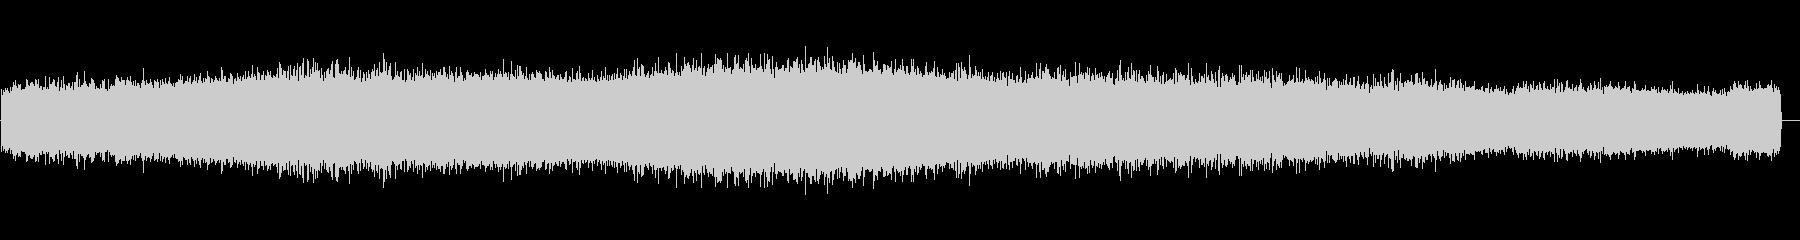 セミの鳴き声 05の未再生の波形